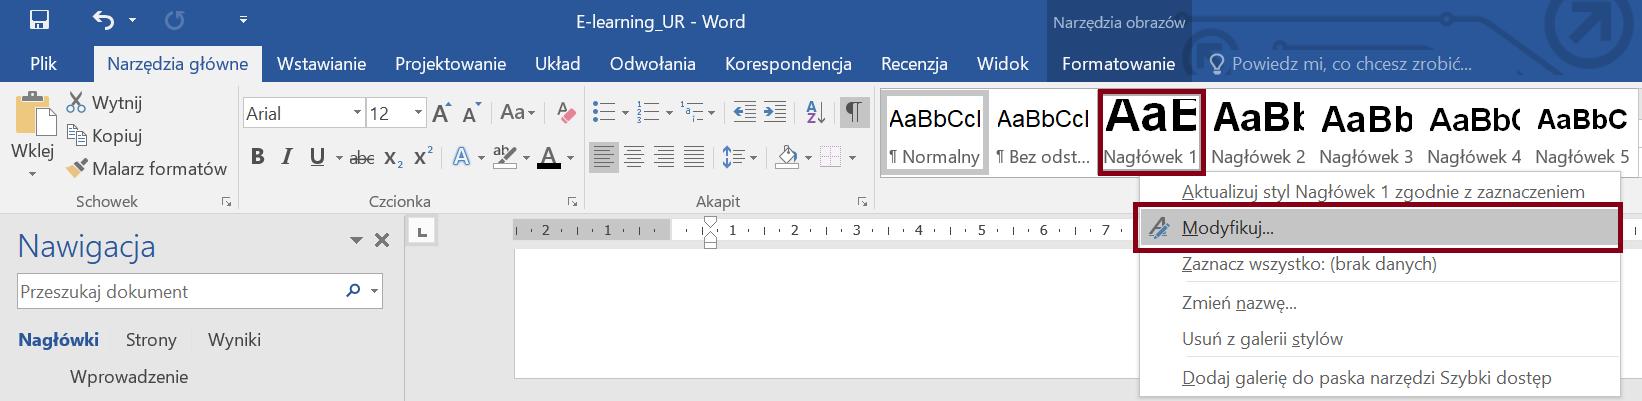 Zrzut ekranu sekcji Style zewstążki Narzędzia Główne zzaznaczonym stylem Nagłowek 1 iopcją Modyfikuj